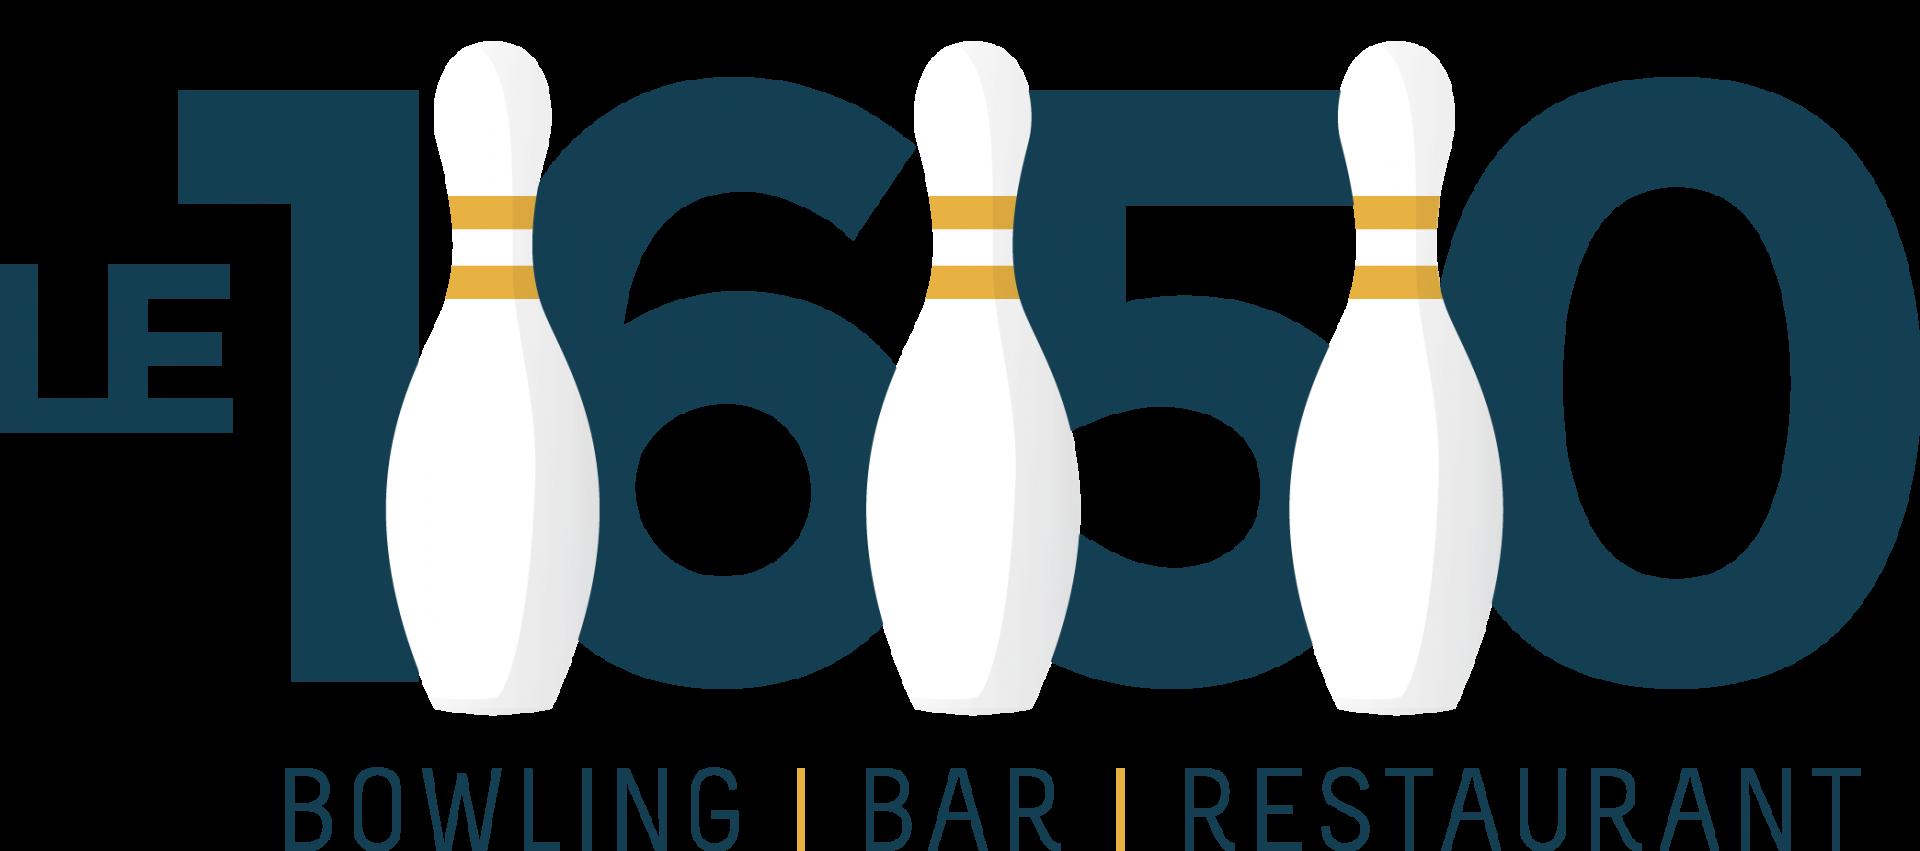 1650-logo2015-rvb-2255